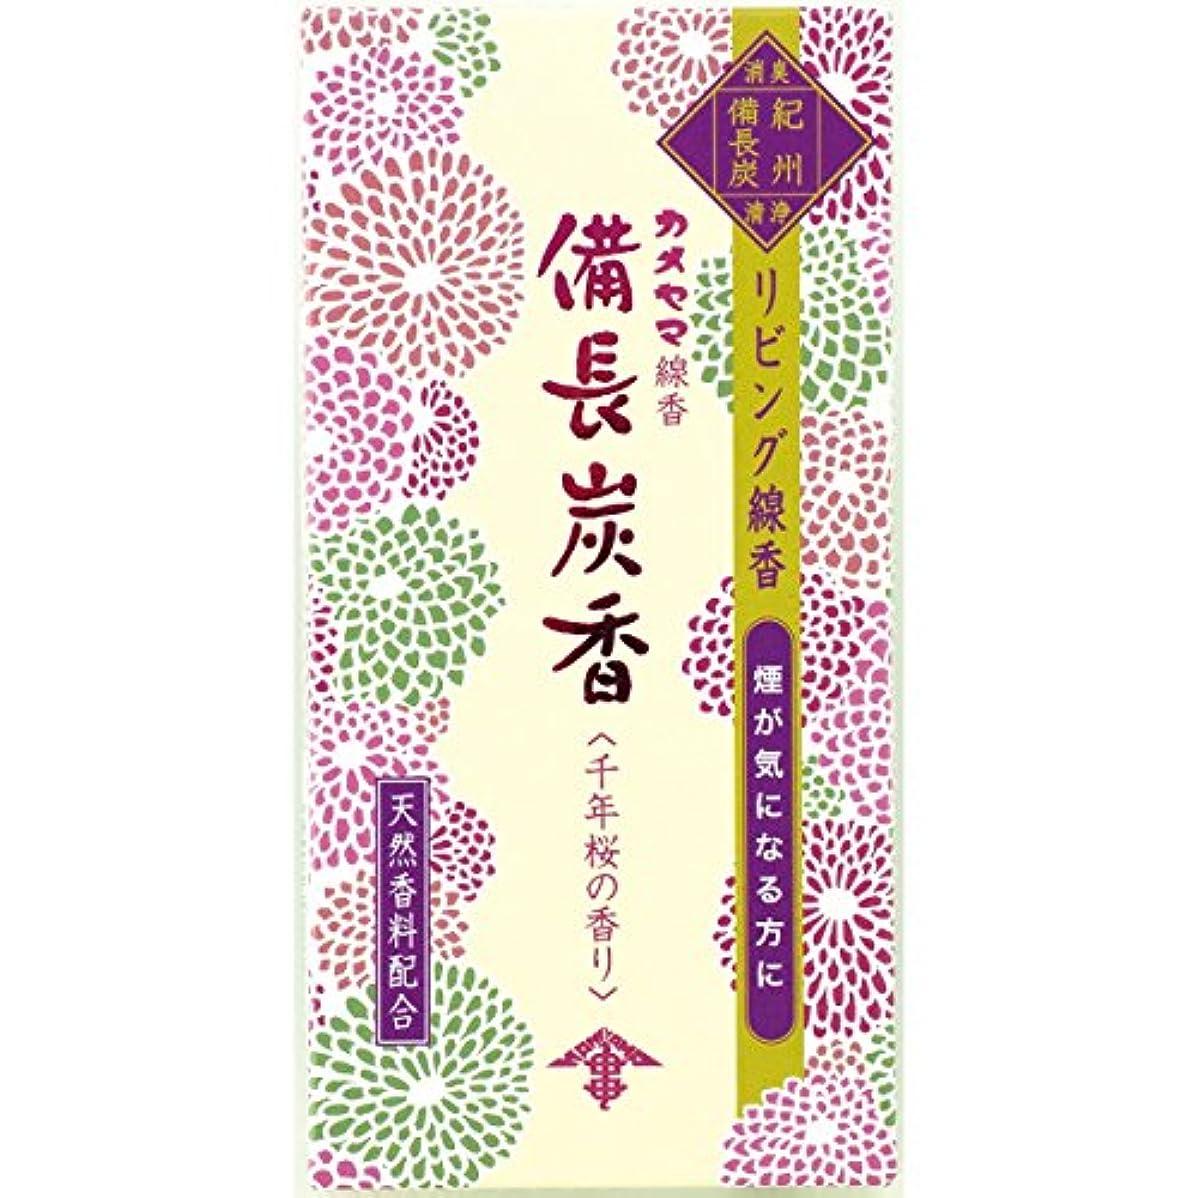 ペッカディロ効能ファセット花げしき 備長炭香 千年桜の香り